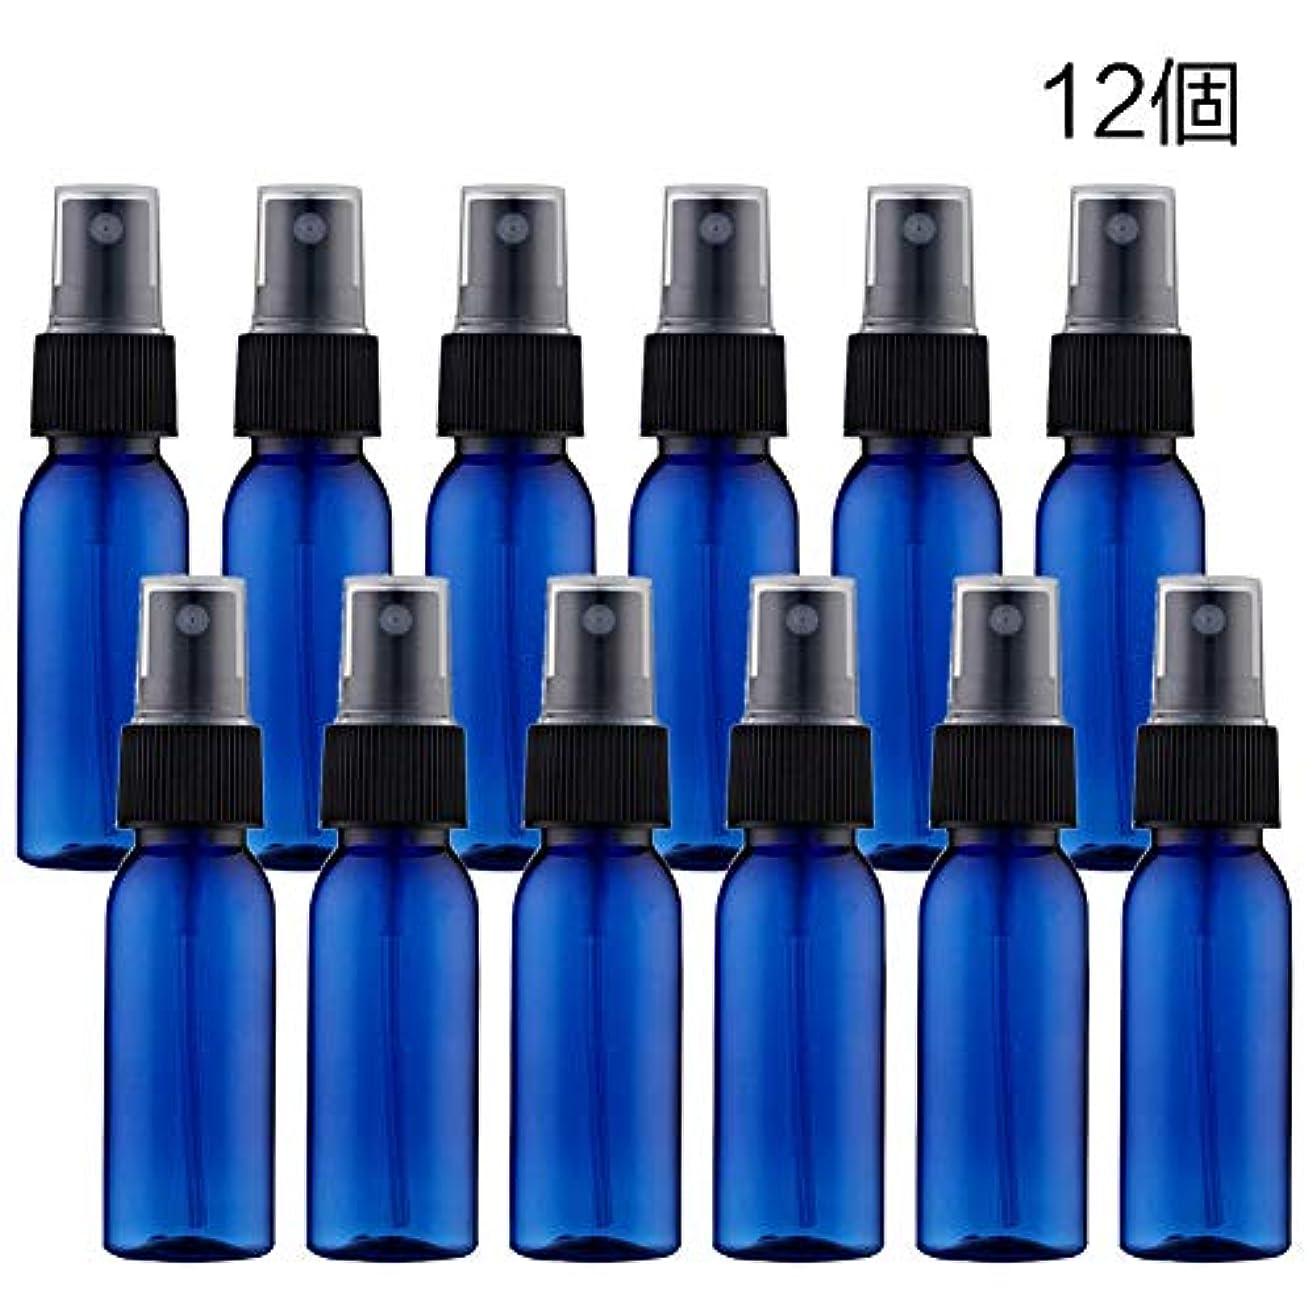 スカープ説明する表向きスプレーボトル 詰替ボトル 遮光瓶 小分けボトル プラスチック容器 空容器 霧吹き30ml ブルー 12本セット